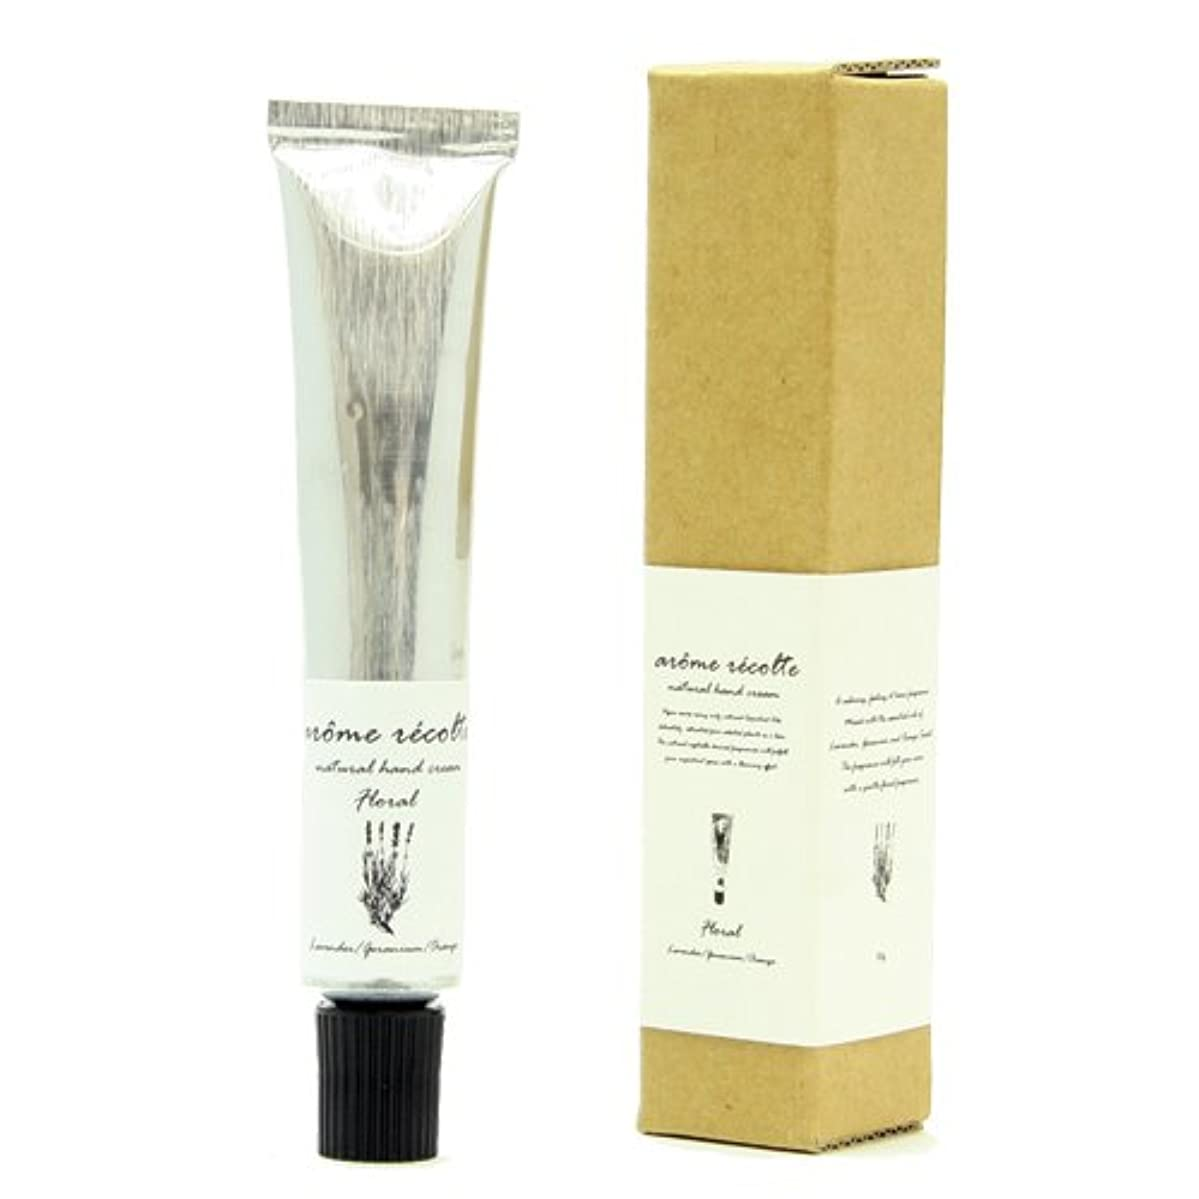 提案大量フレッシュアロマレコルト ナチュラル ハンドクリーム 30g フローラル Floral arome recolte hand cream